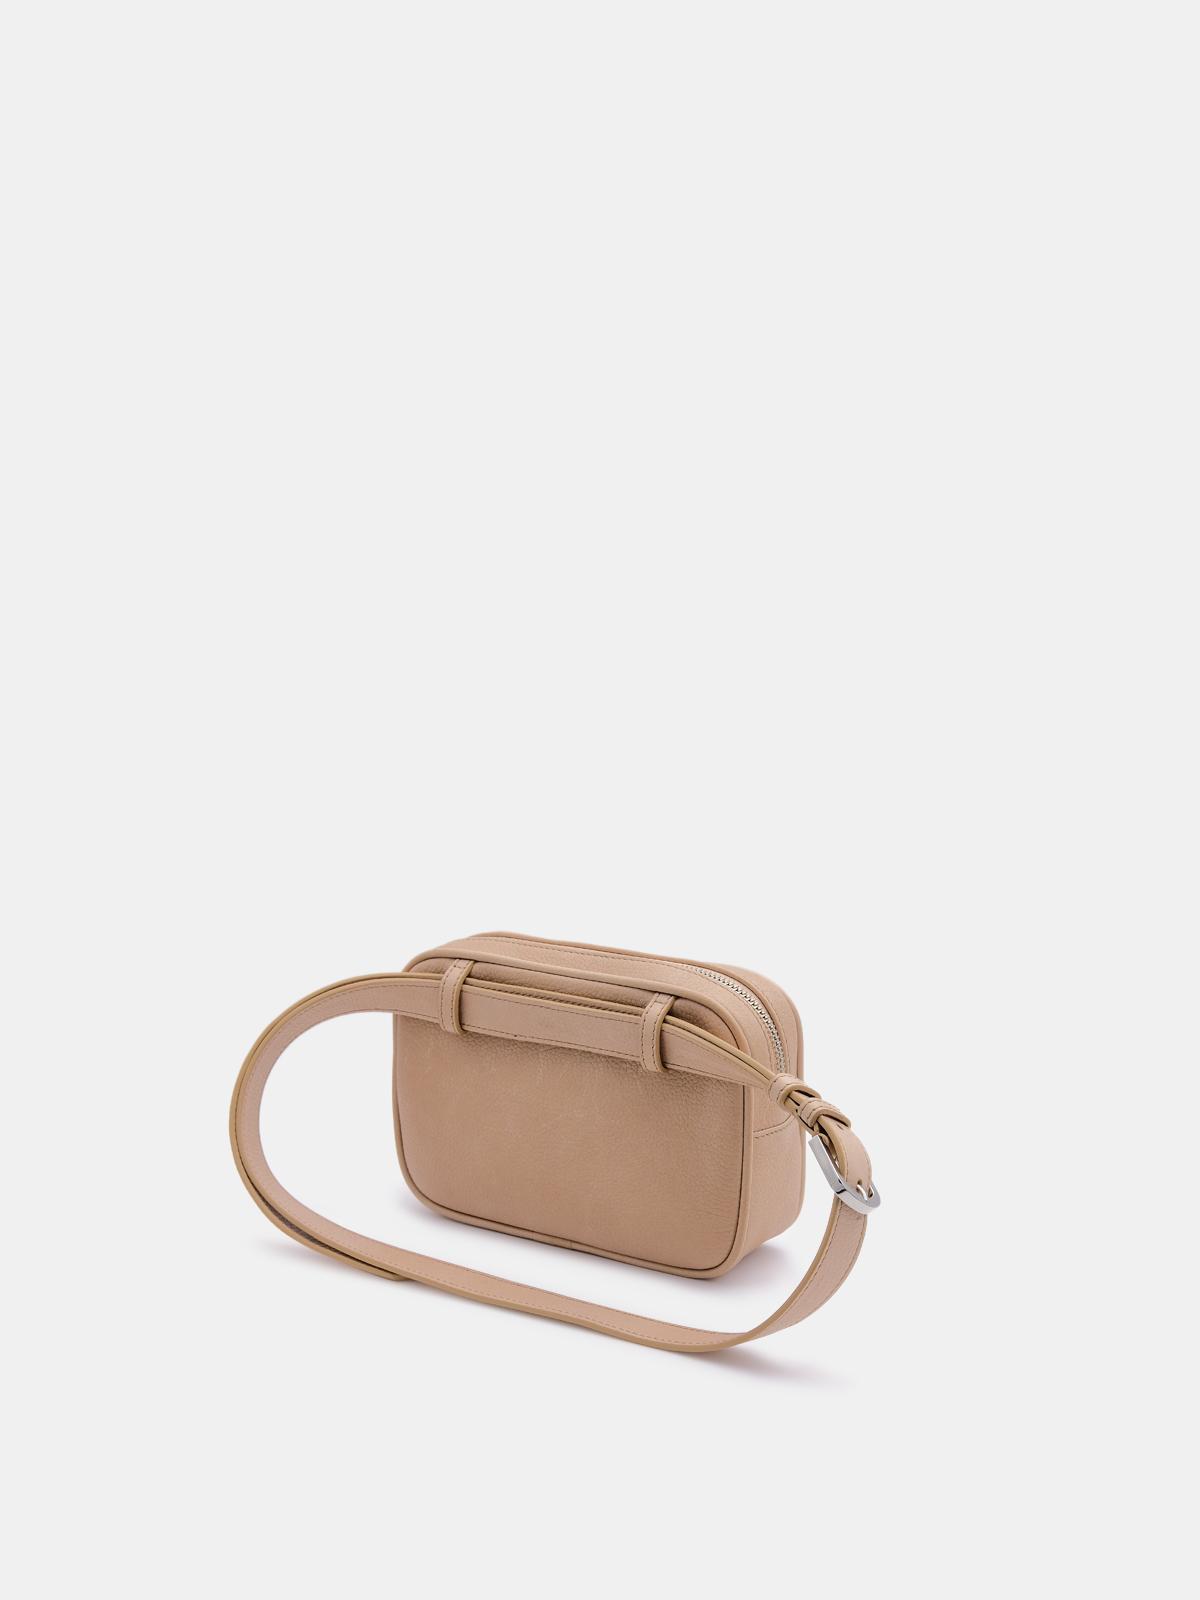 Golden Goose - Nude Star Belt Bag made of hammered leather in